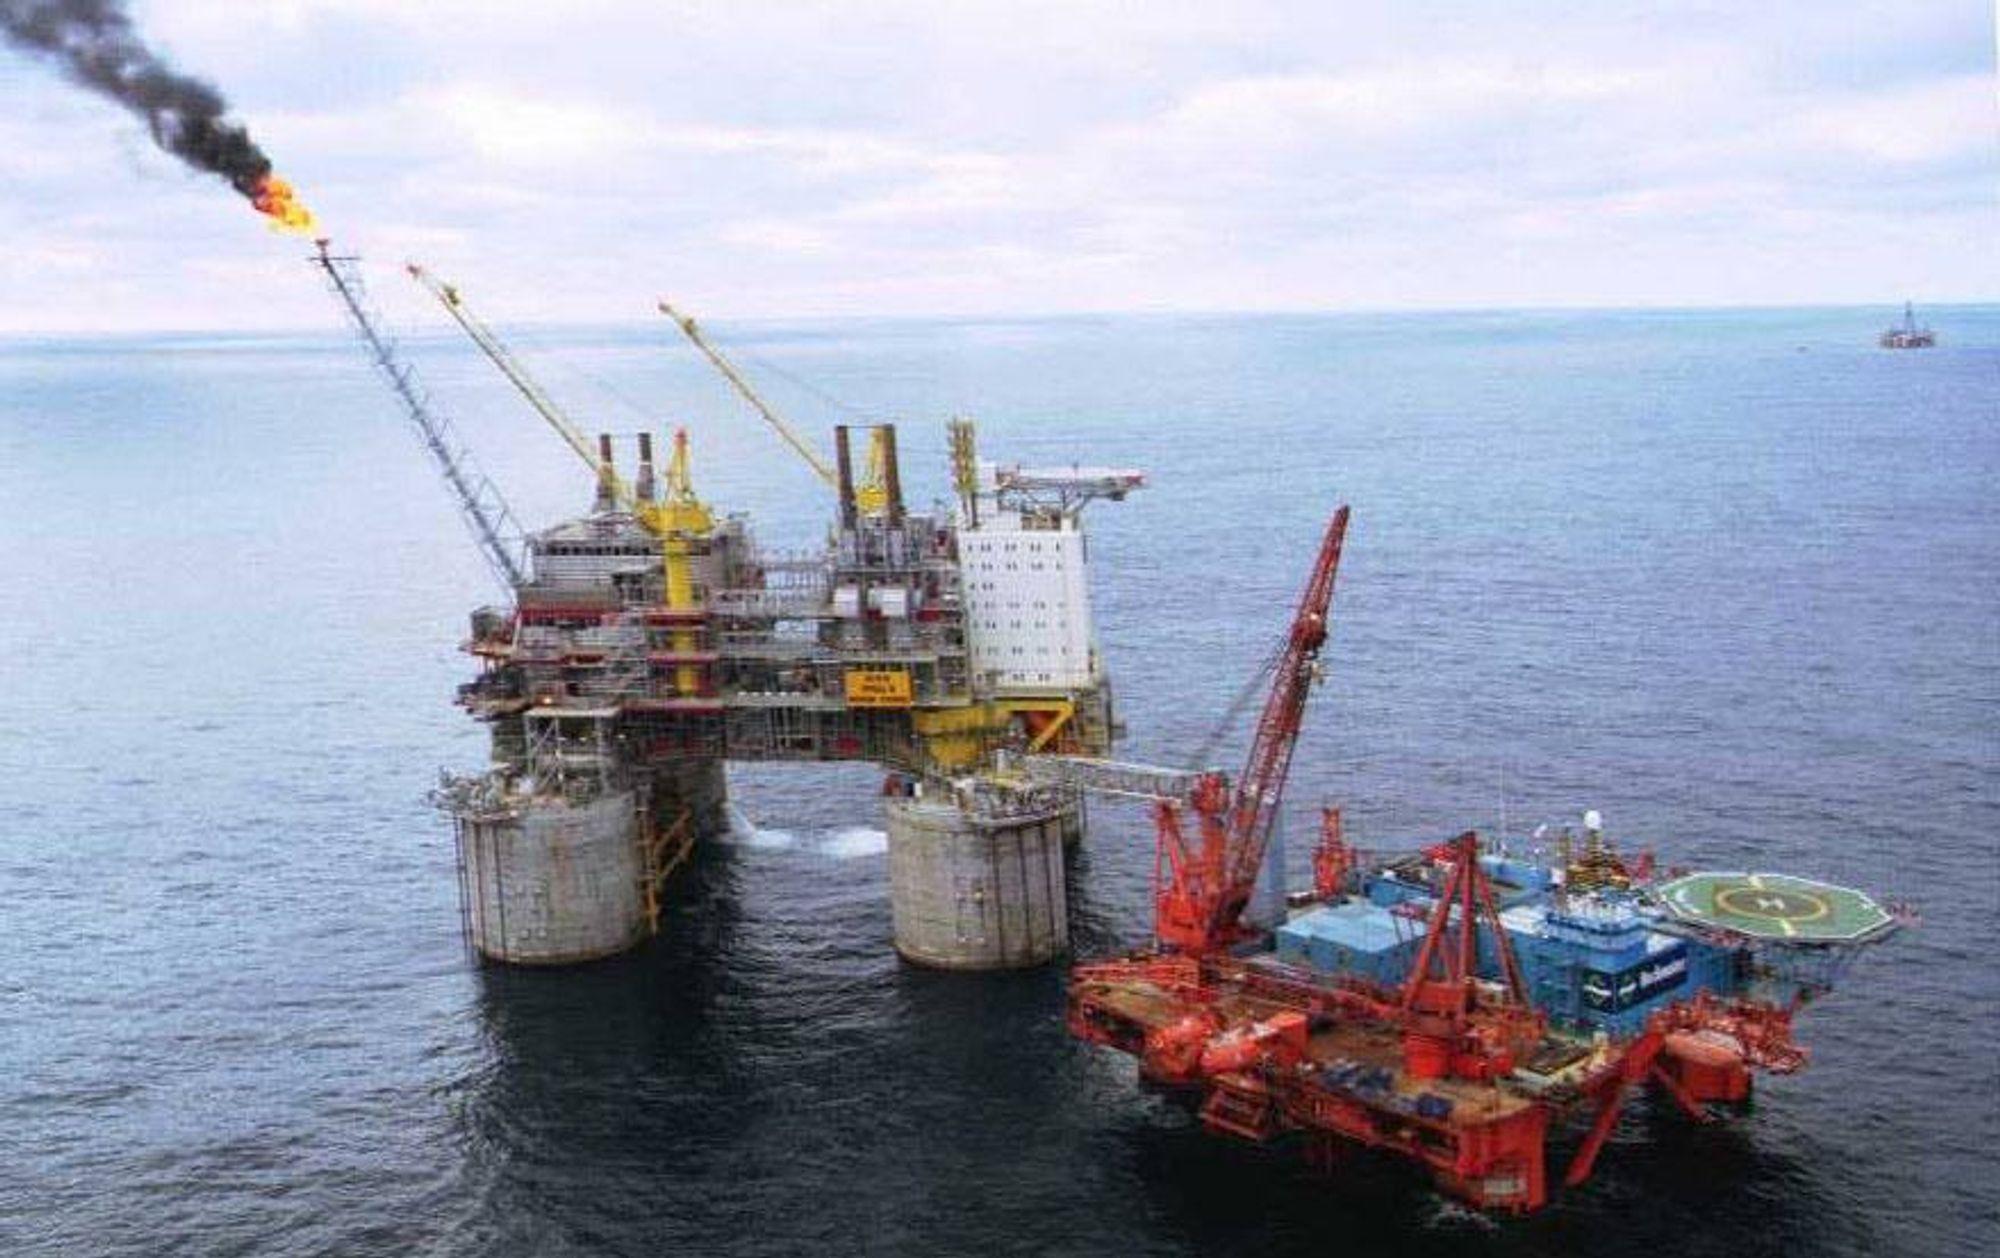 Oljenæringen. Olje. Gass. Oljeindustrien. Petroleumsfag. Petroleumsstudier. Oljestudier. Oljefag. Studier. Utdanning. Plattform. Rigg.